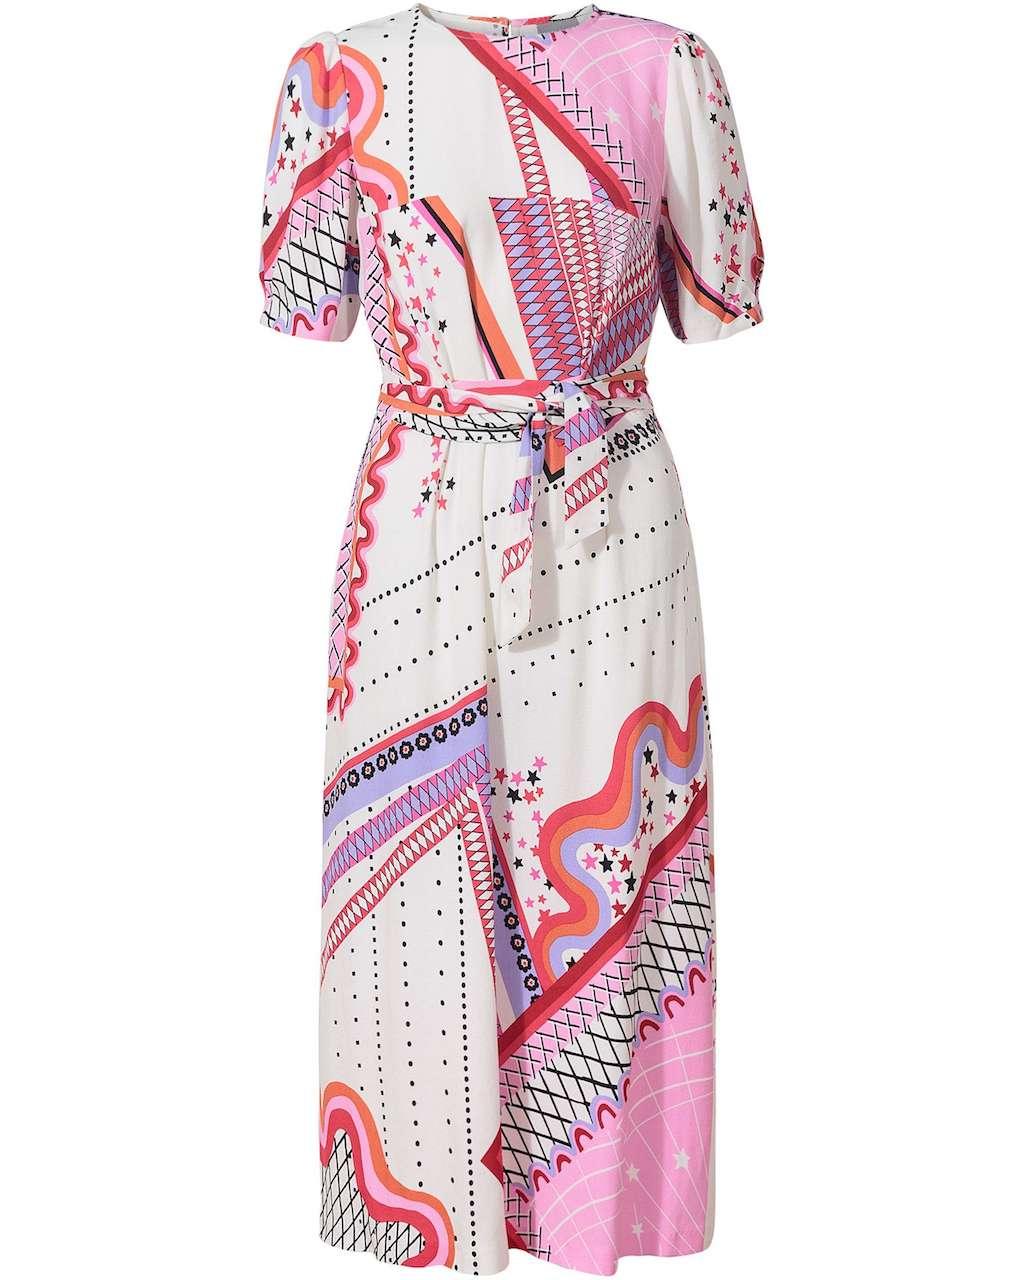 Oliver Bonas, Mix & Match Star Print White Midi Dress, £75